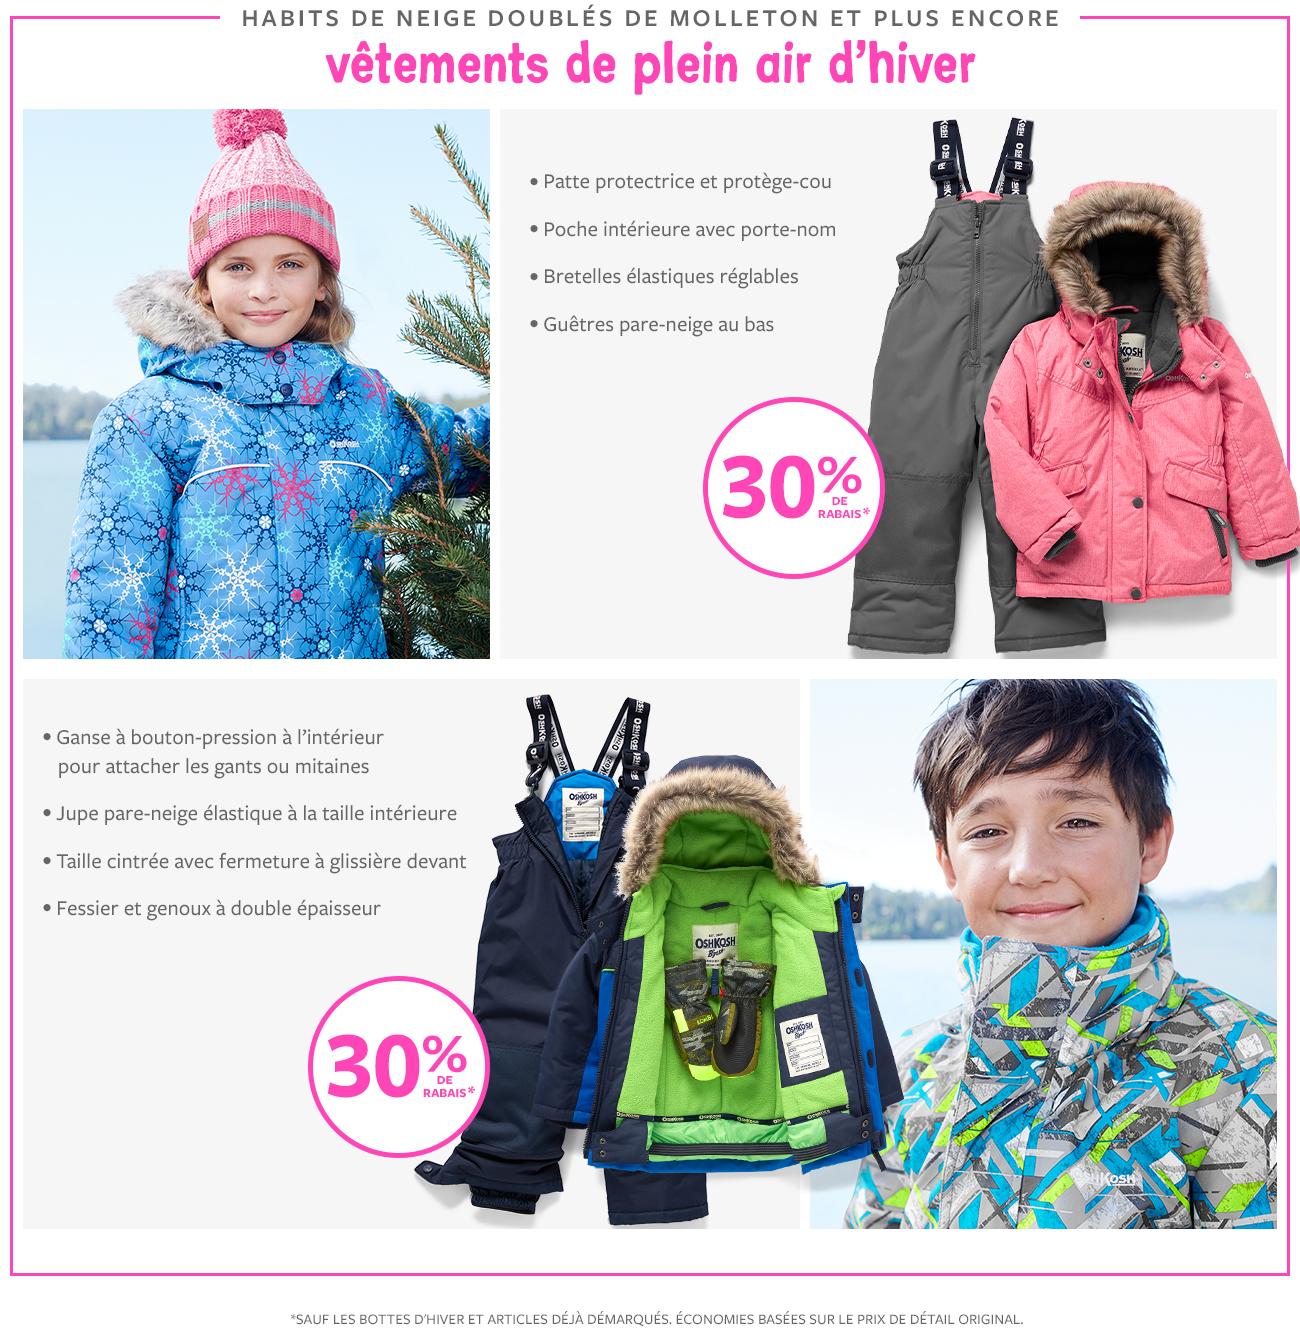 30% de rabais   habits de neige doublés de molleton et plus encore vêtements de plein air d'hiver